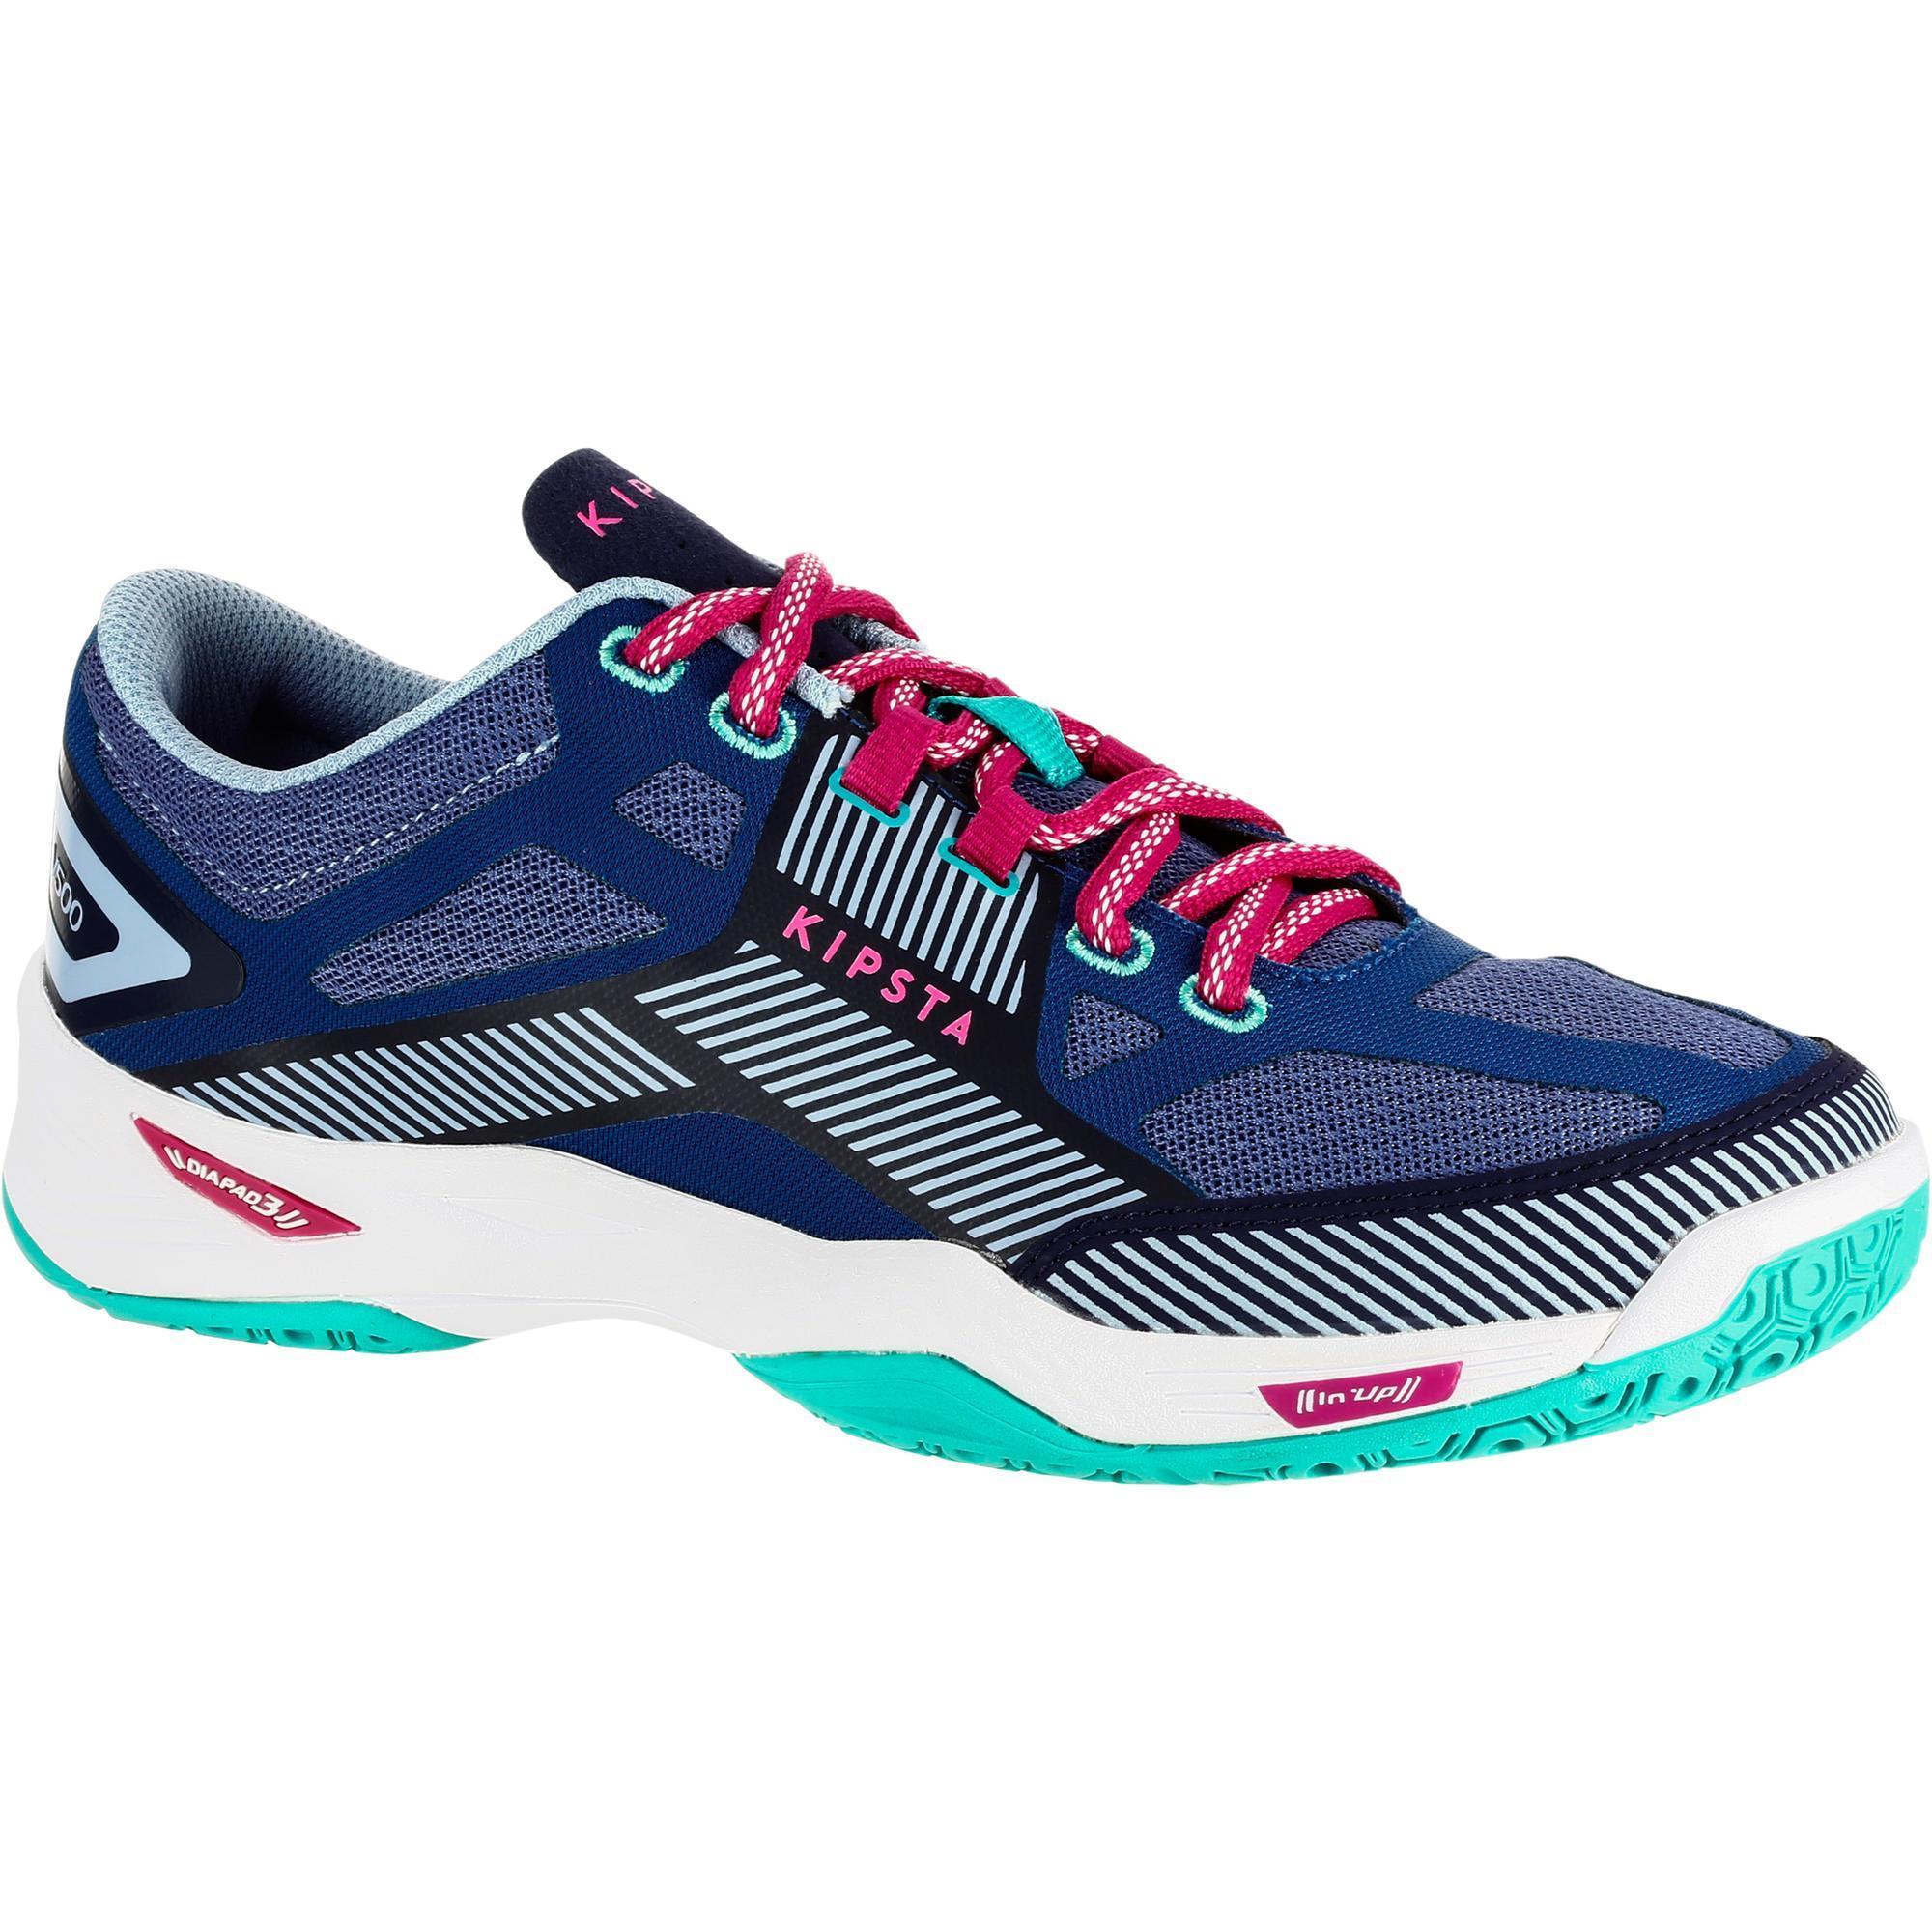 2413638 Kipsta Volleybalschoenen dames V500 blauw